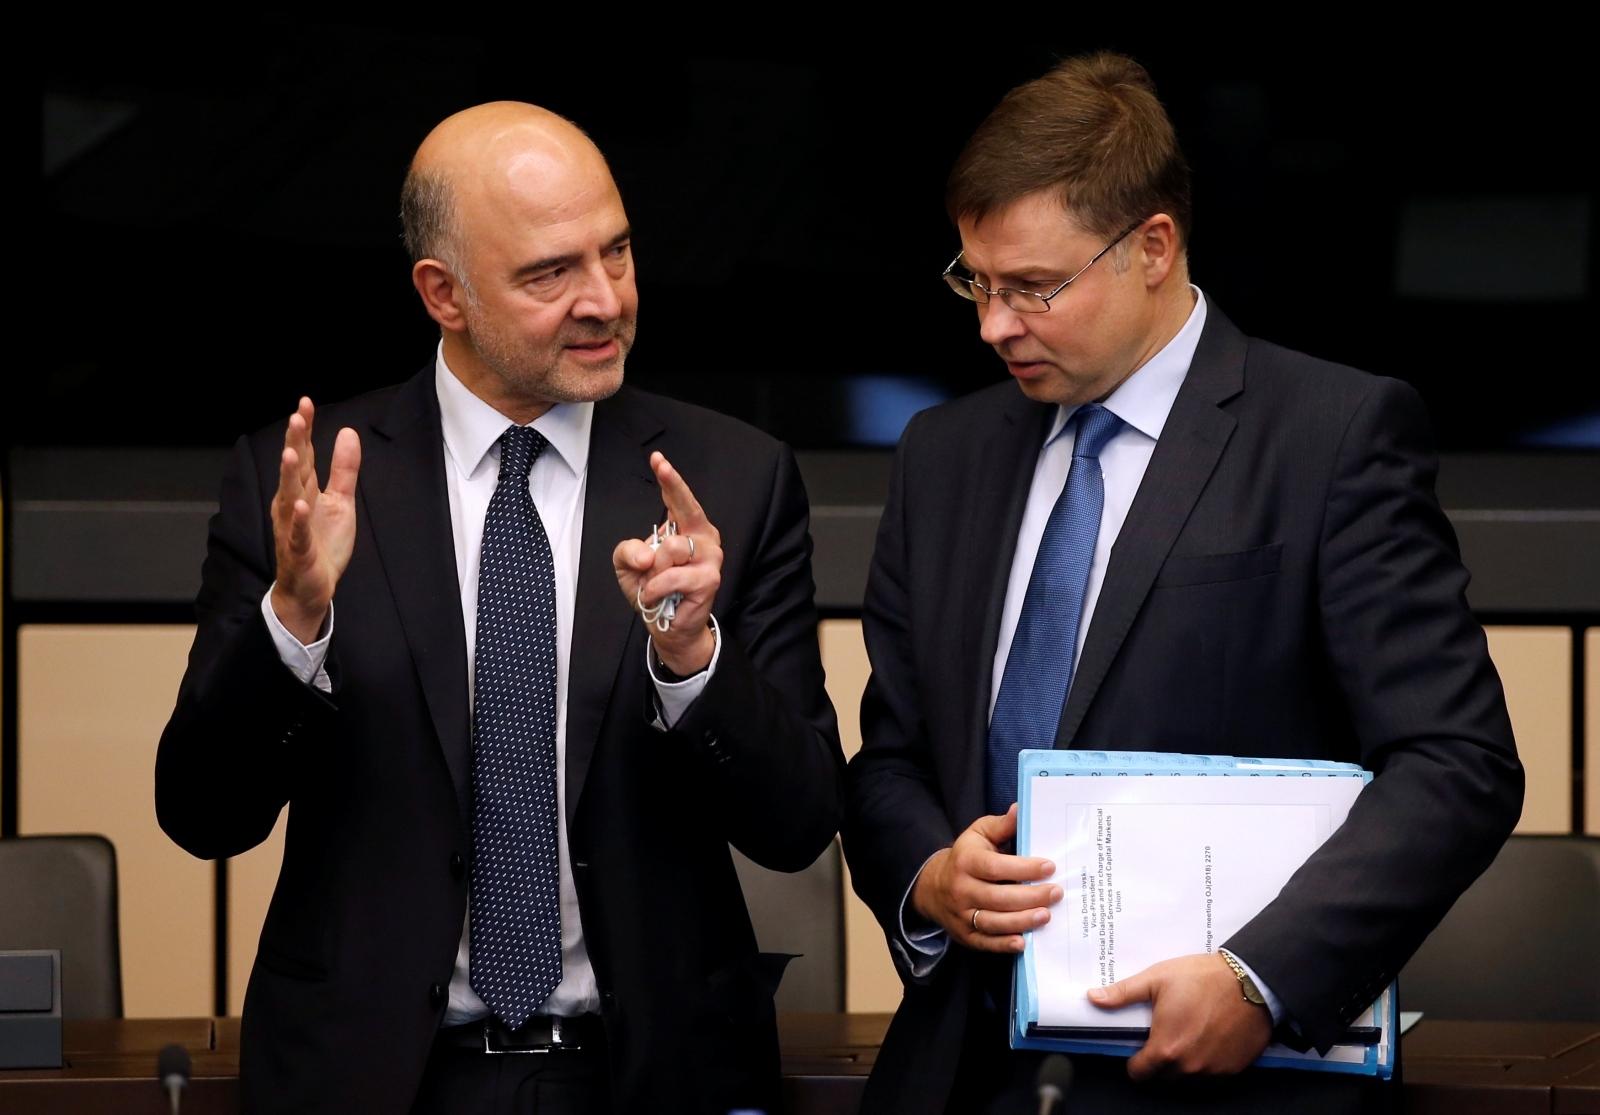 Europska komisija odbacila talijanski prijedlog proračuna za 2019.